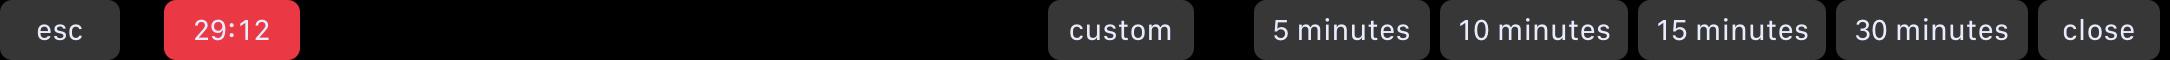 touchbar-screen-timerapp